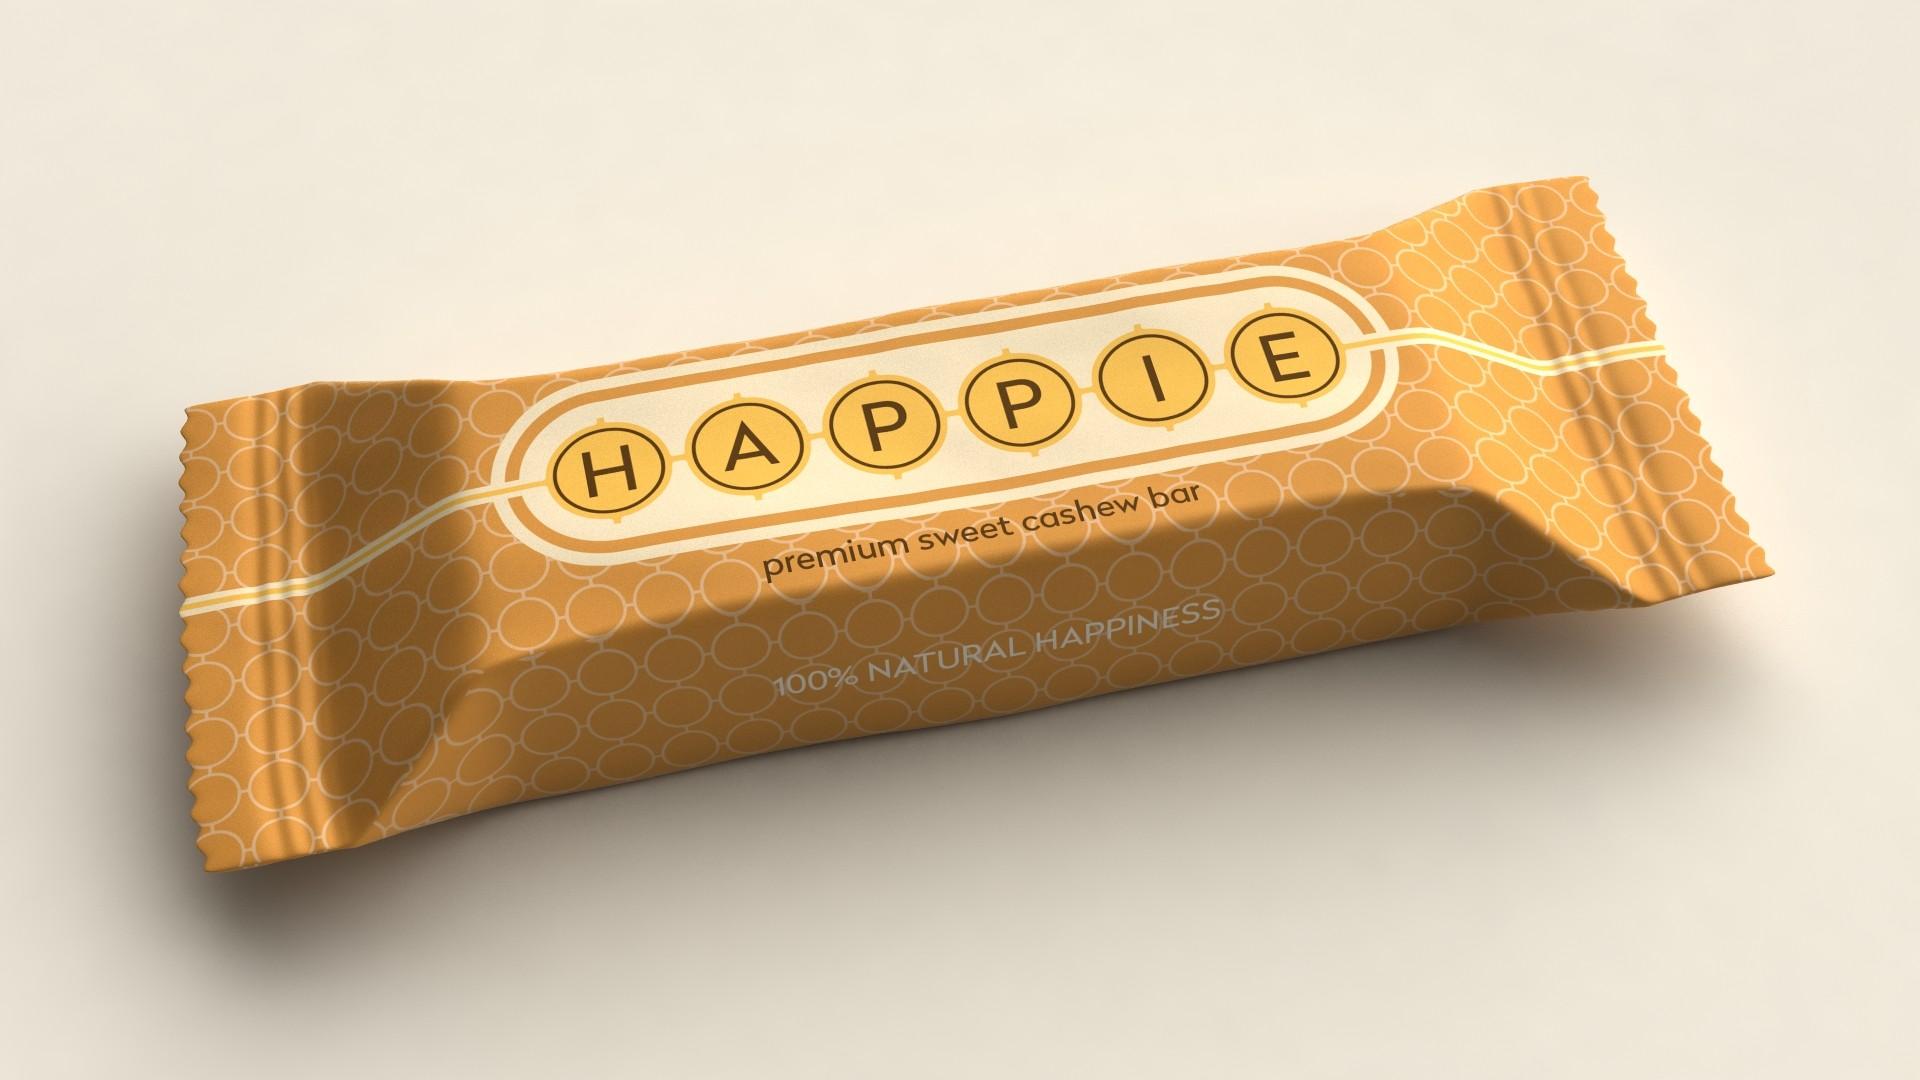 HAPPIE Sweet cashew Bar ds. 12 stuks van 50 gram